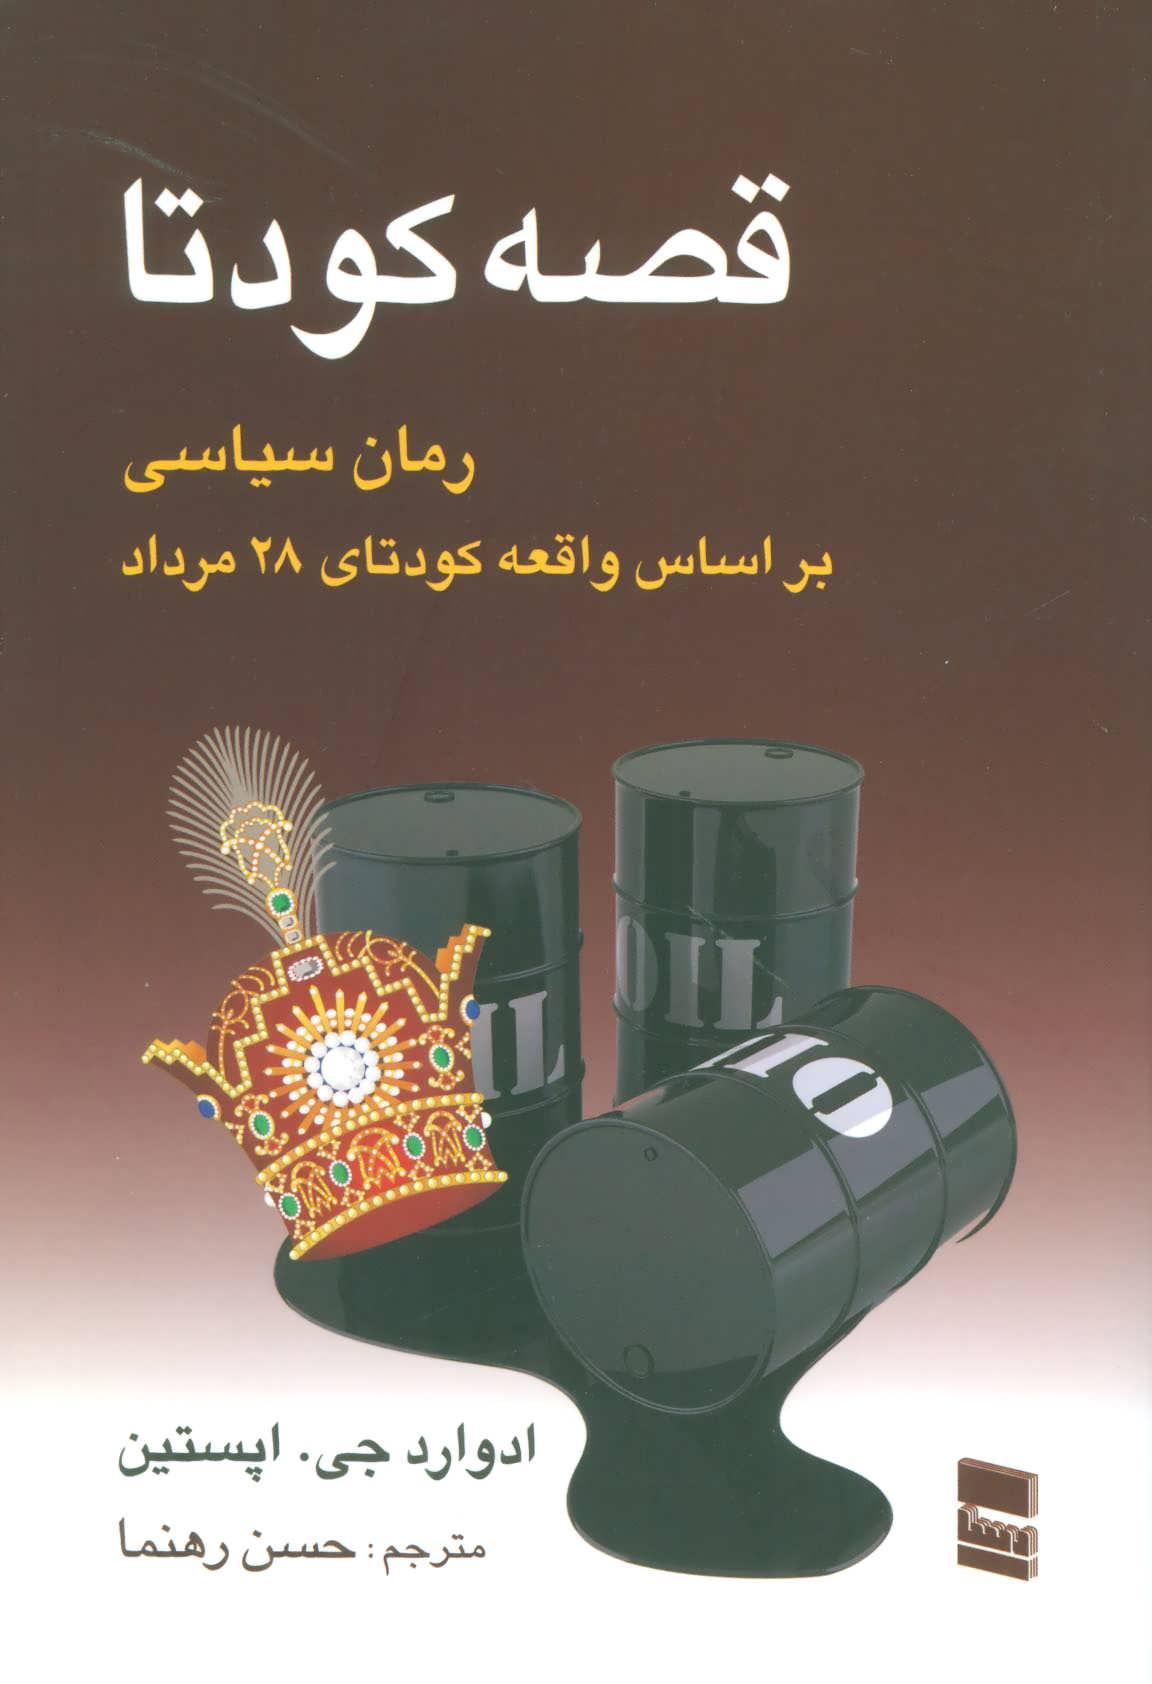 قصه کودتا (رمان سیاسی بر اساس واقعه کودتای 28 مرداد)